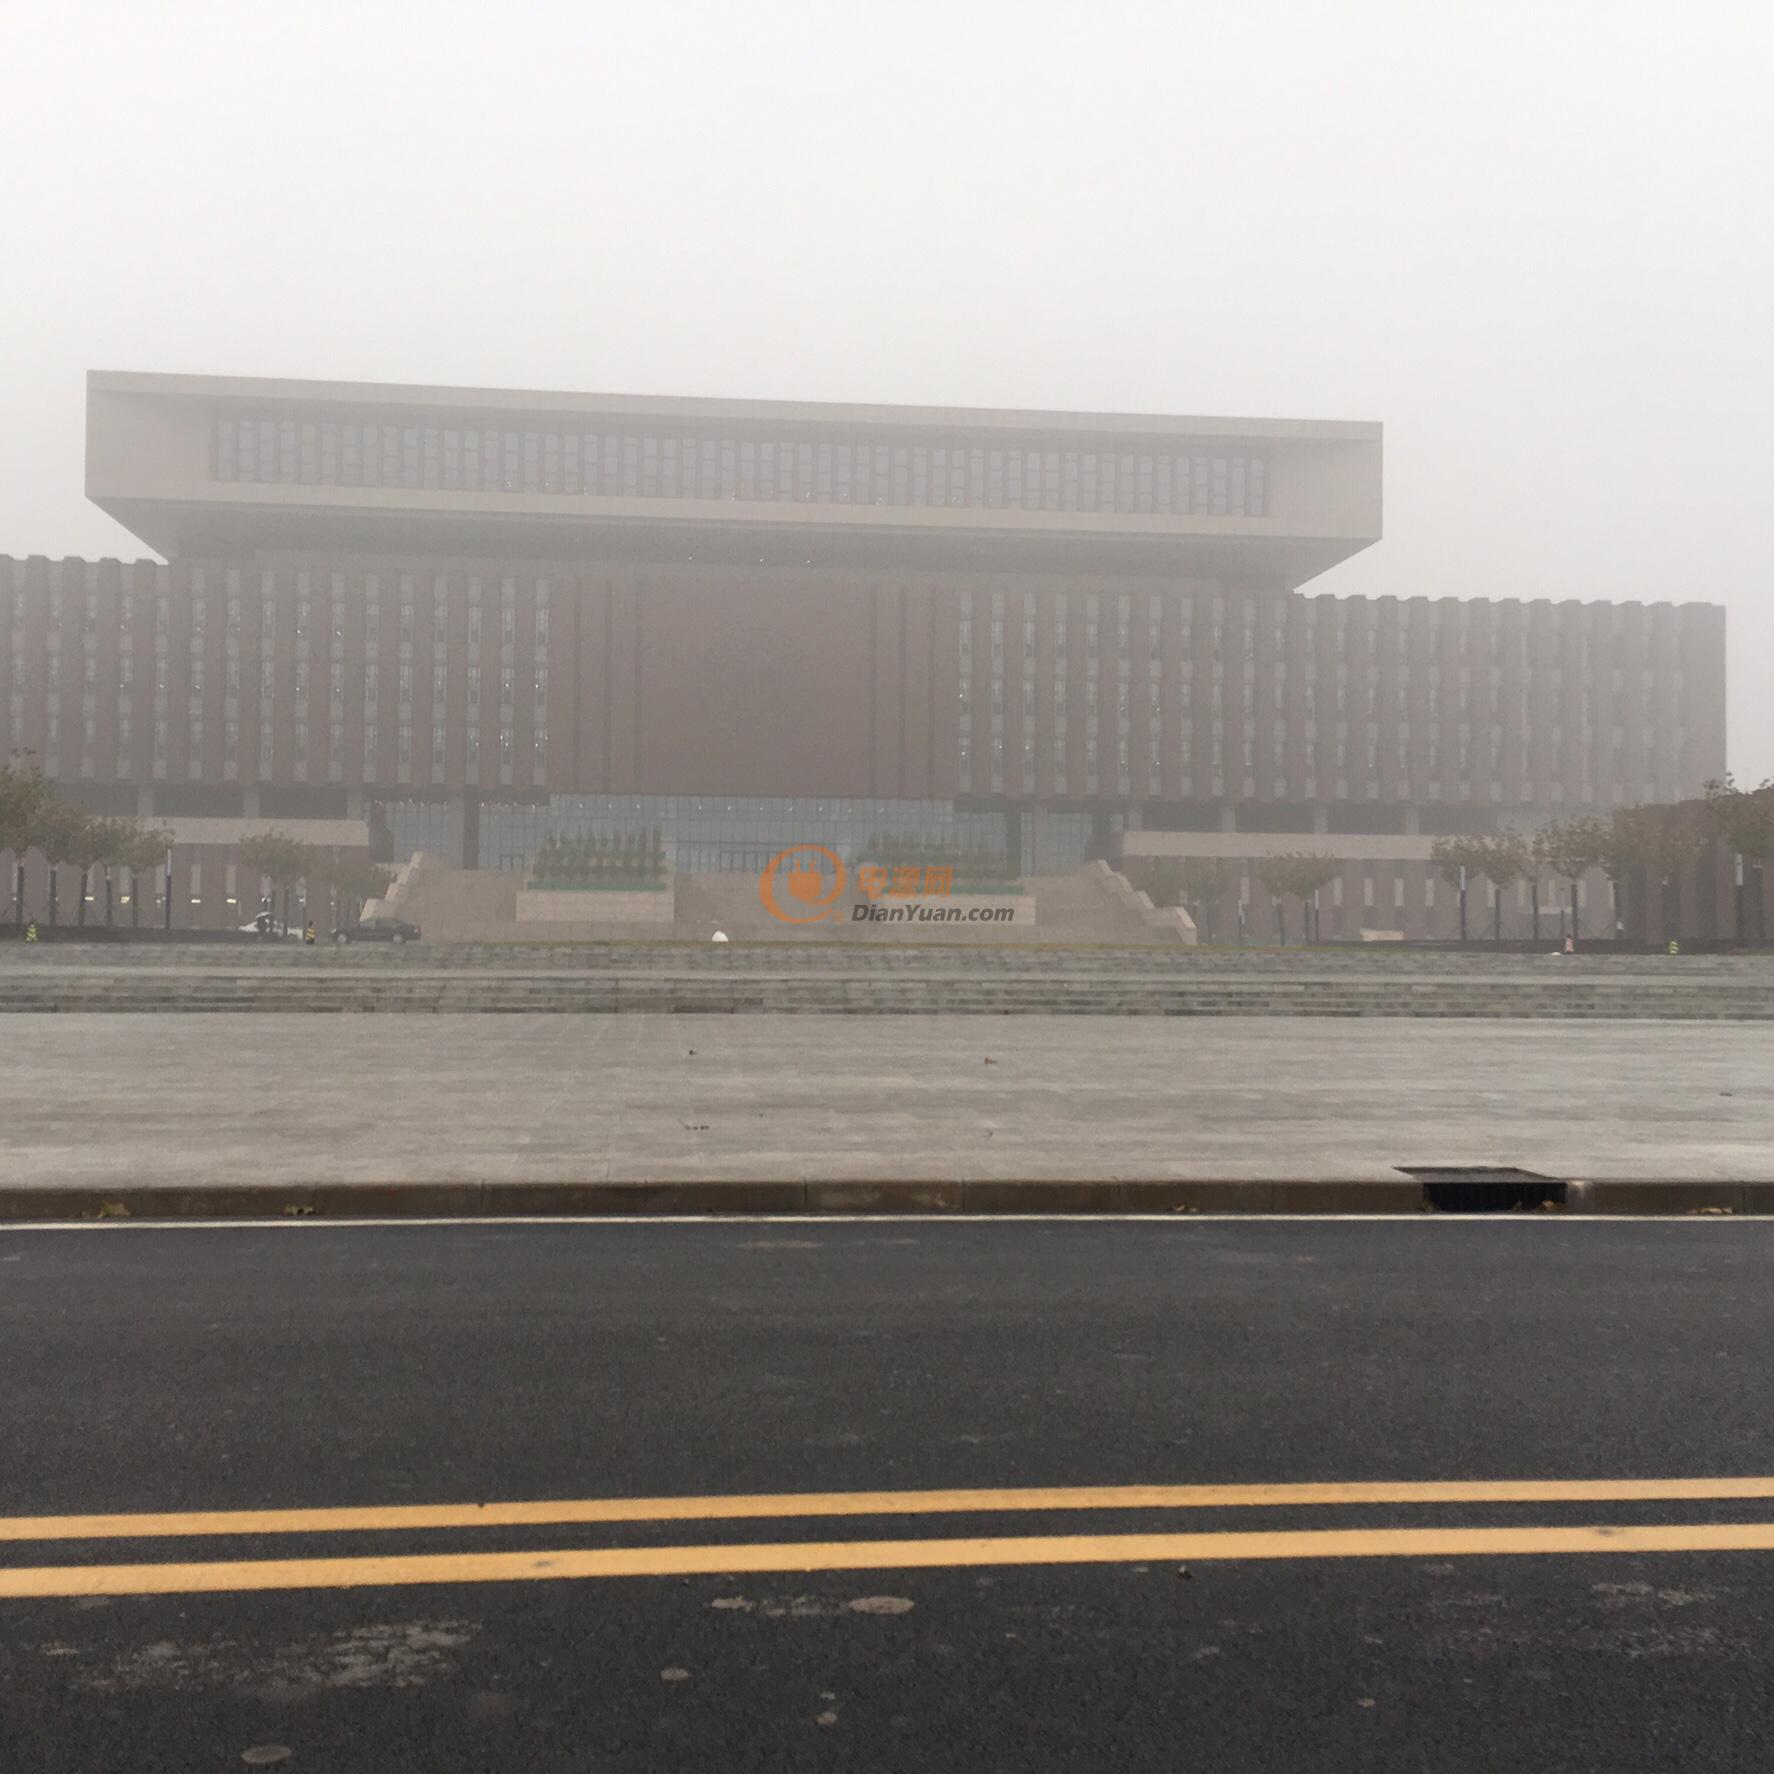 【随手拍】 南开大学新校区 图书馆内景-电源网